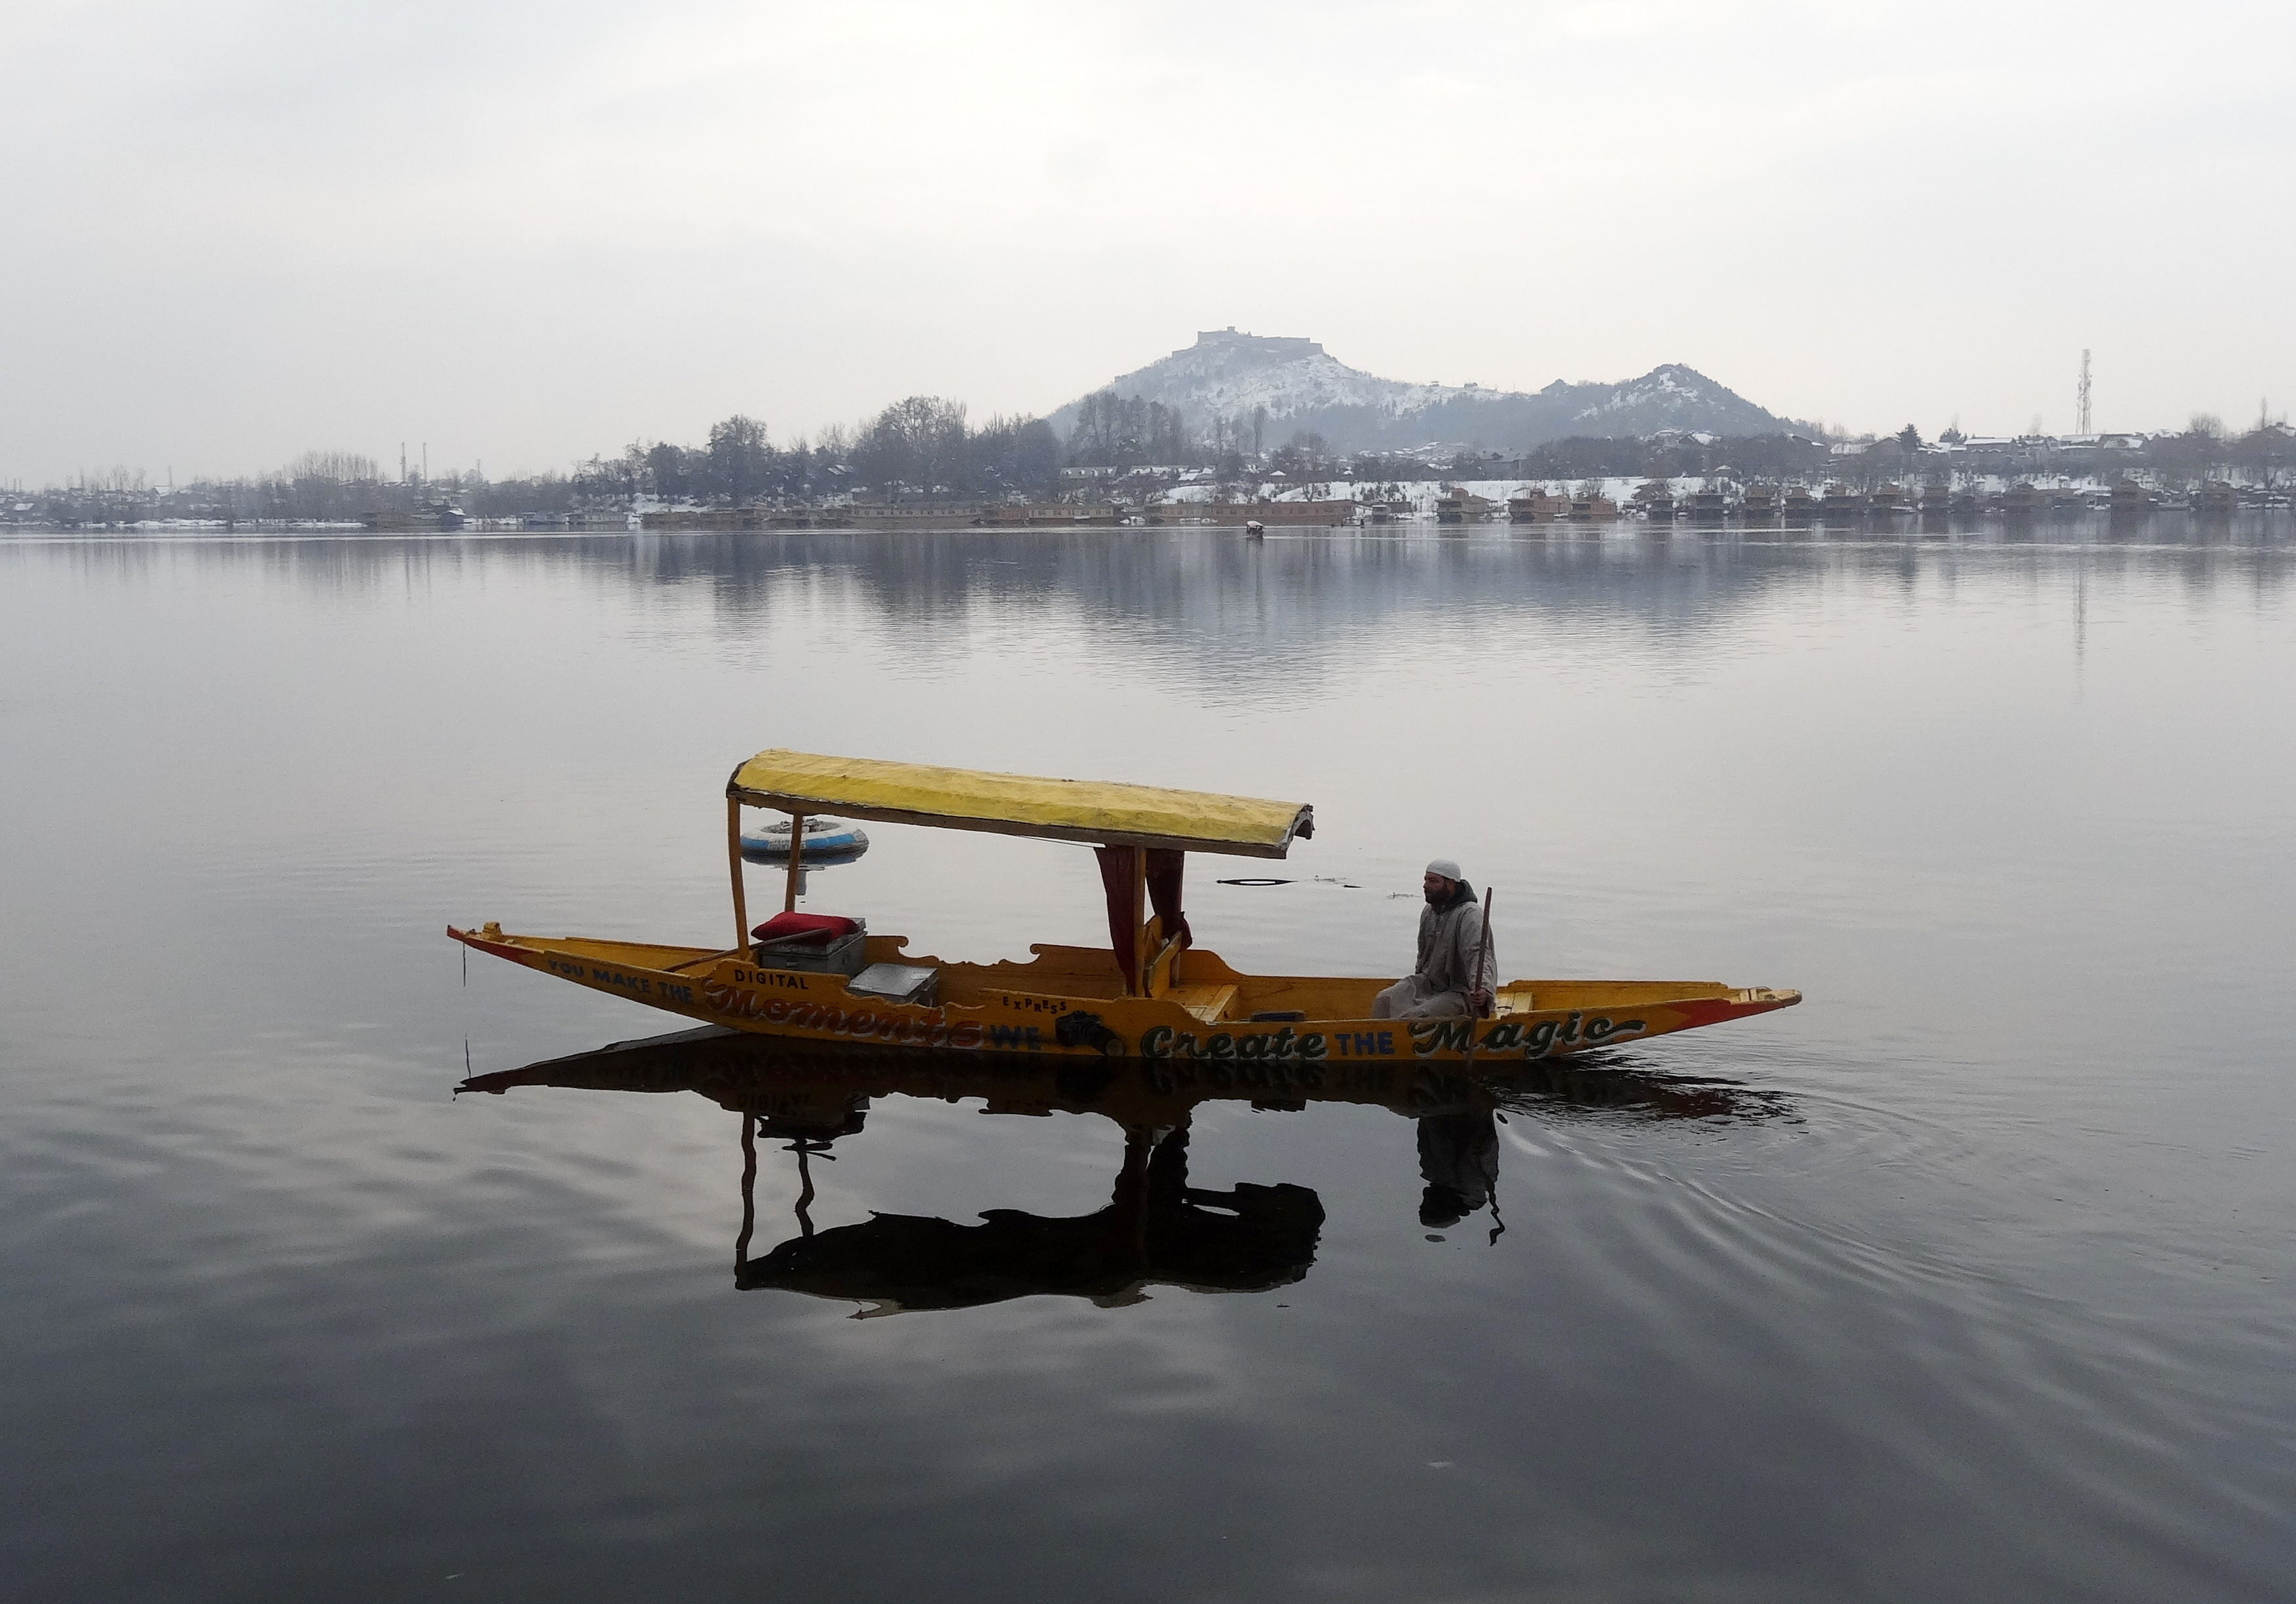 Kashmir in winter shows off gondolas on semi frozen dal lake